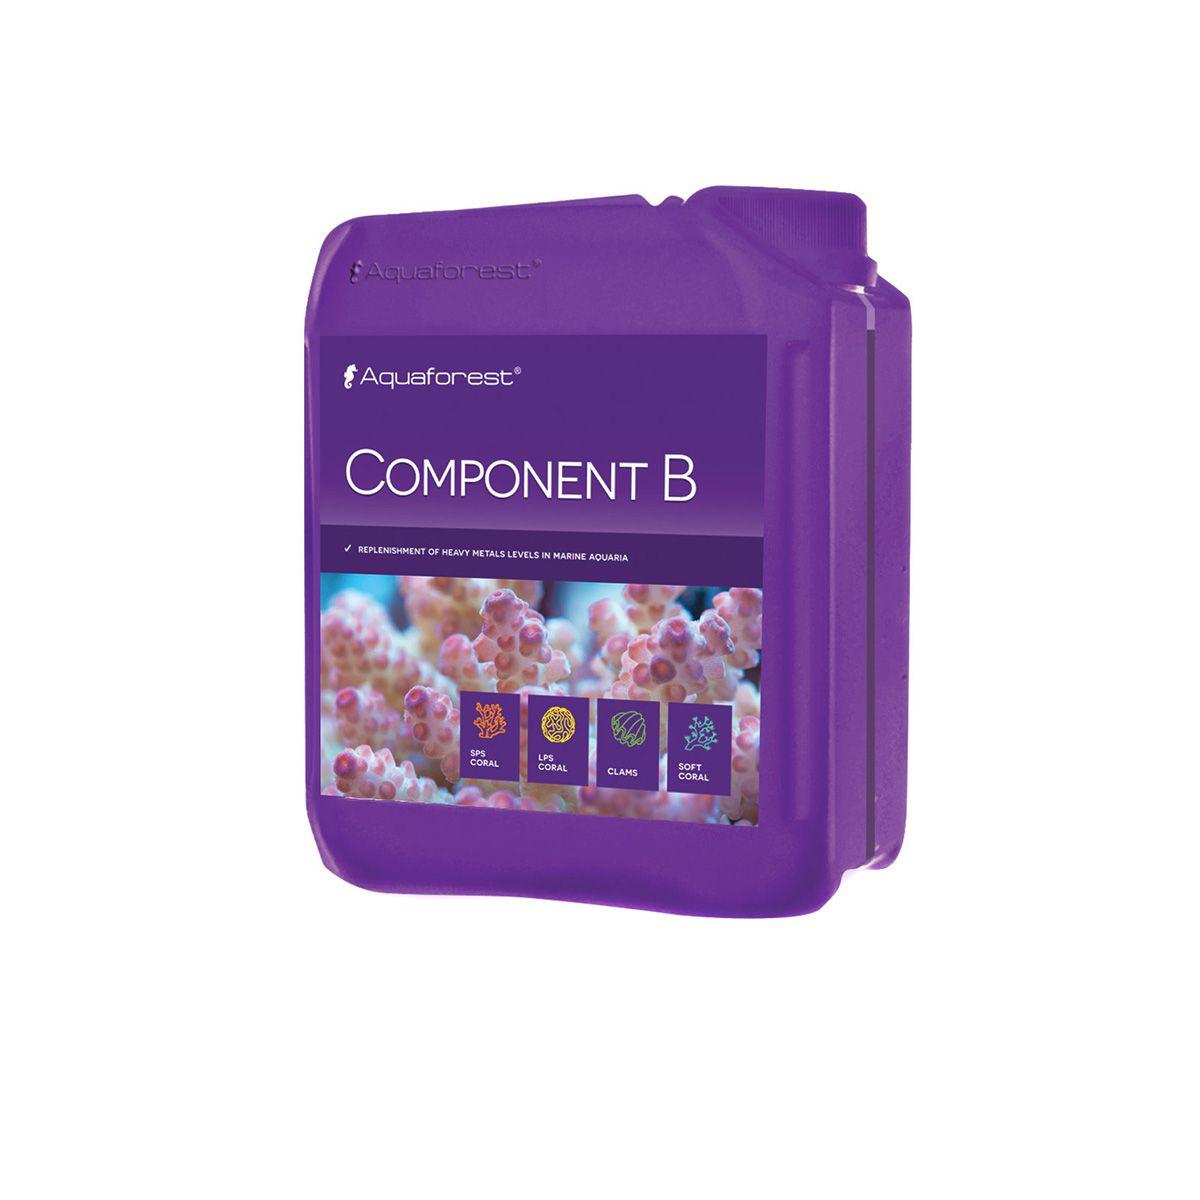 Aquaforest Component B 2 Litros Complemento de Metais Pesados